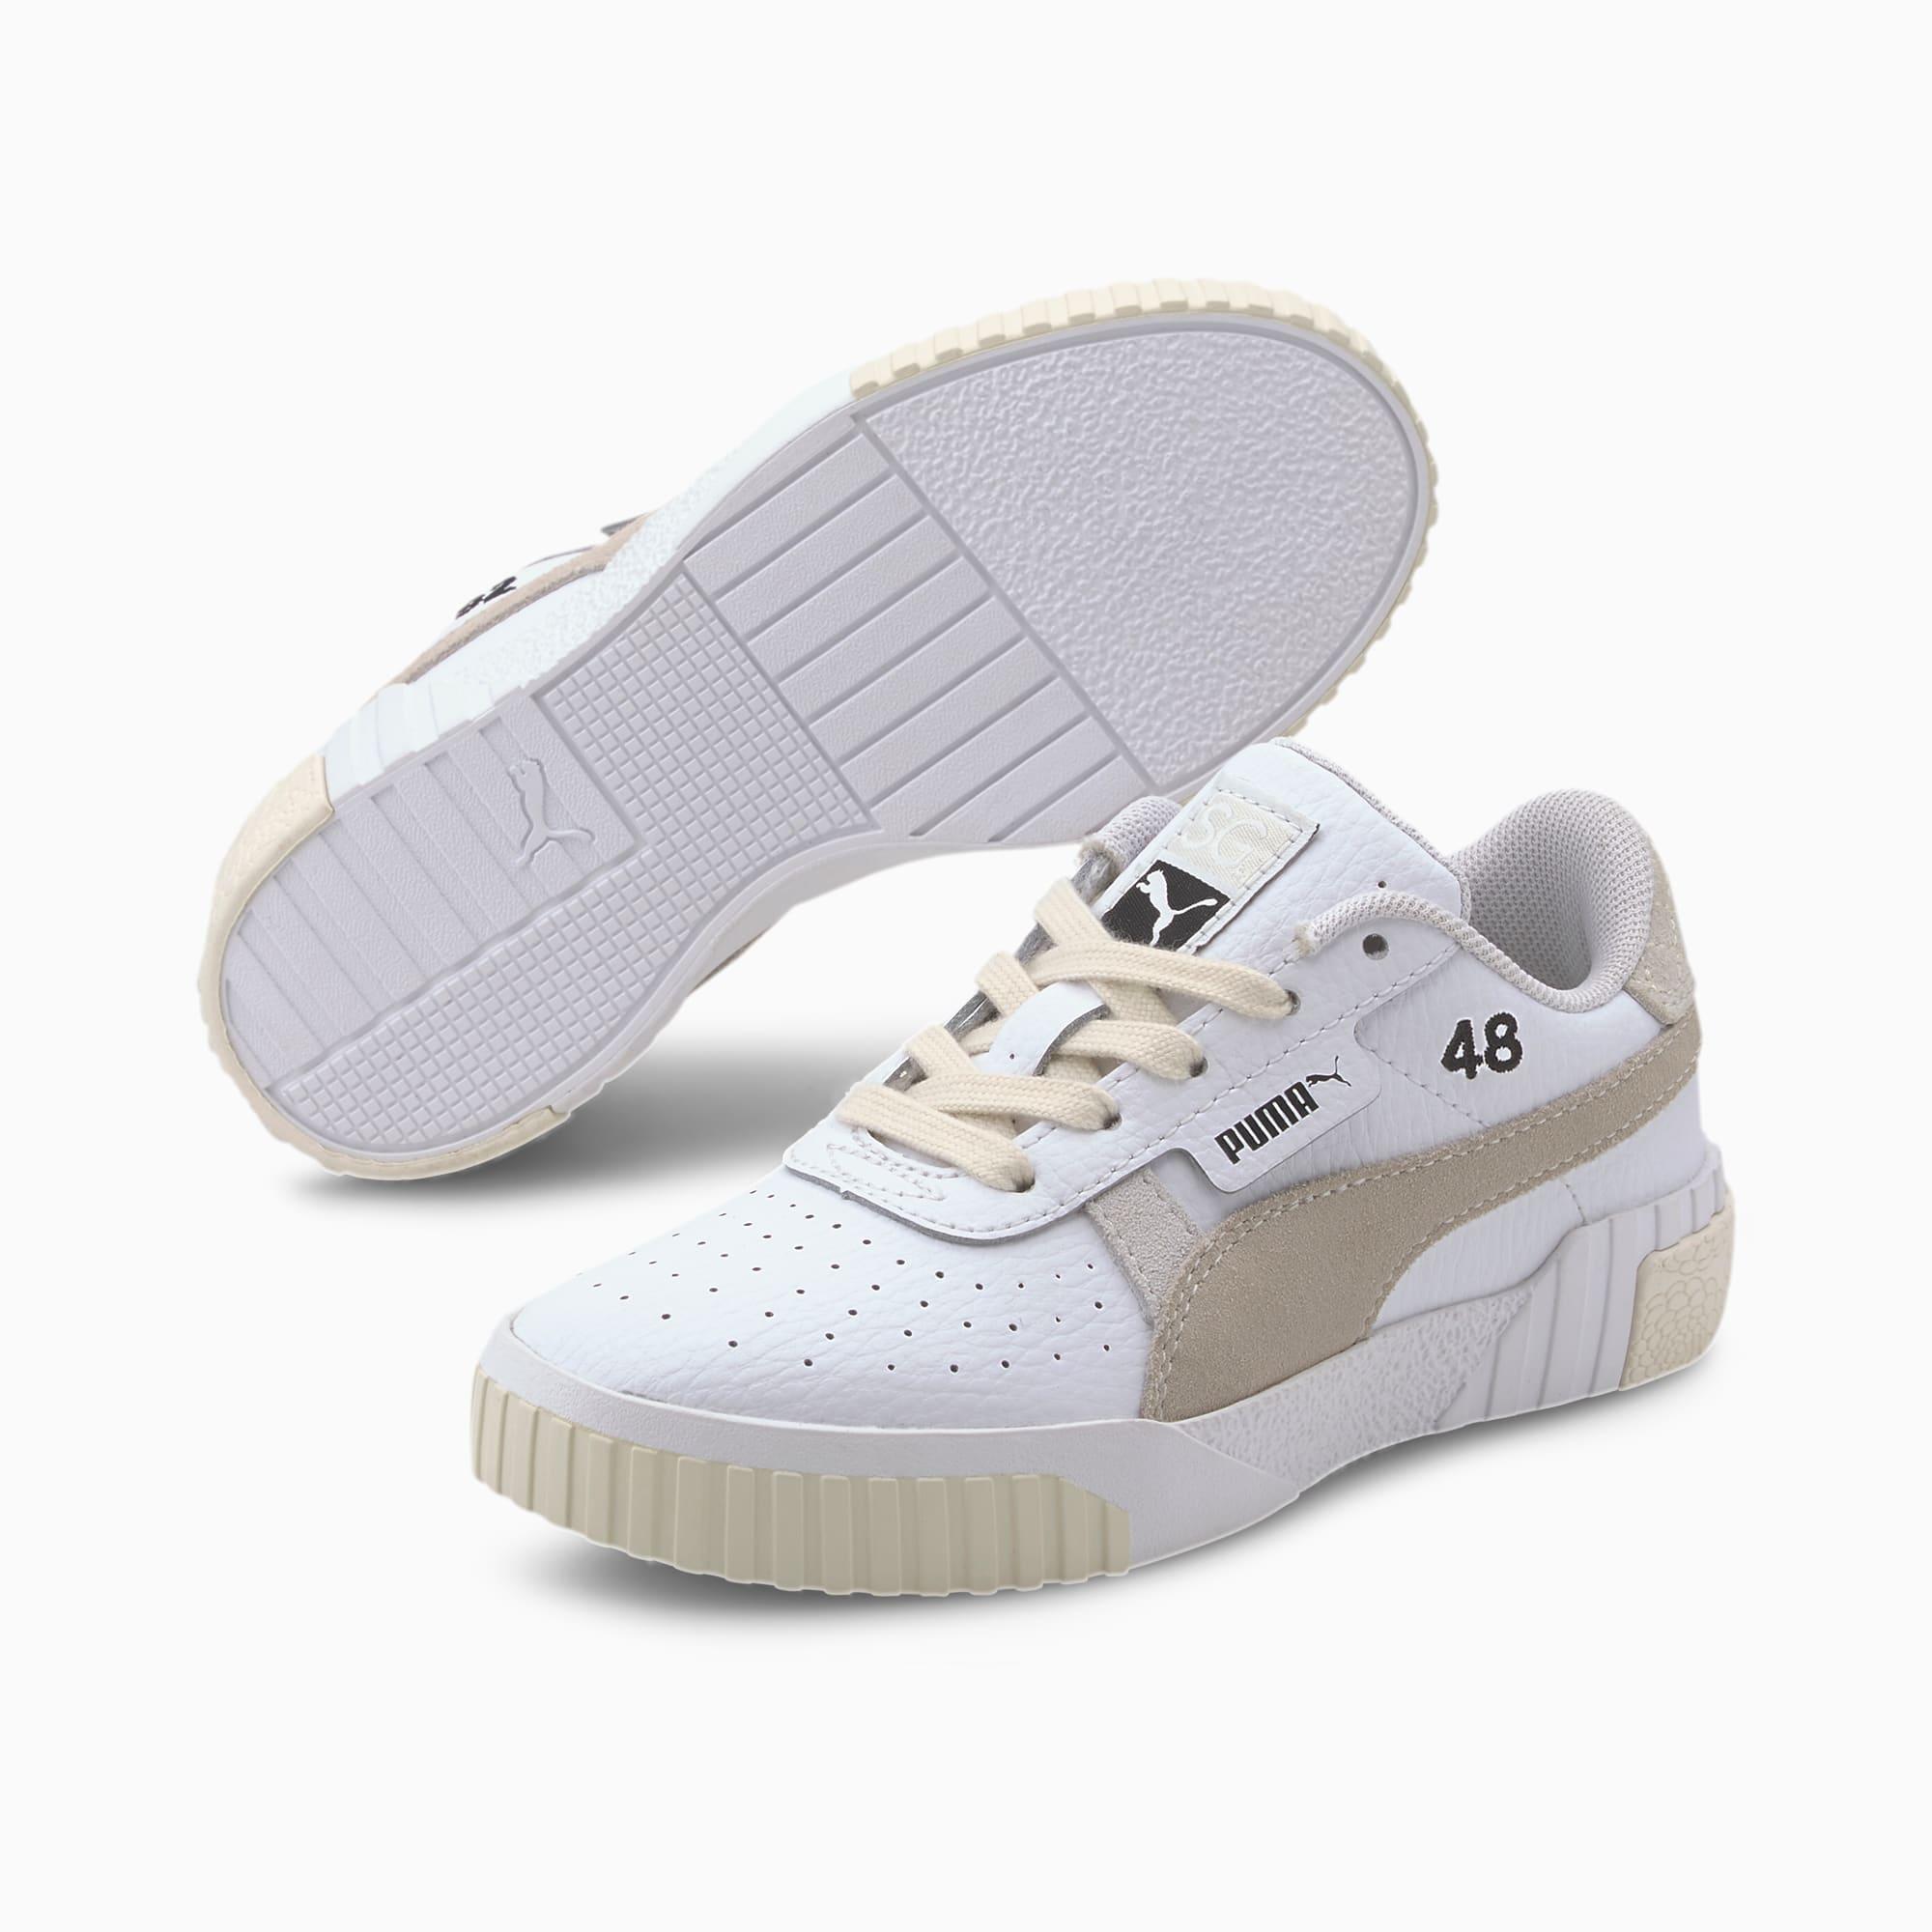 PUMA x SELENA GOMEZ Cali Lthr Suede Kids Mädchen Sneaker